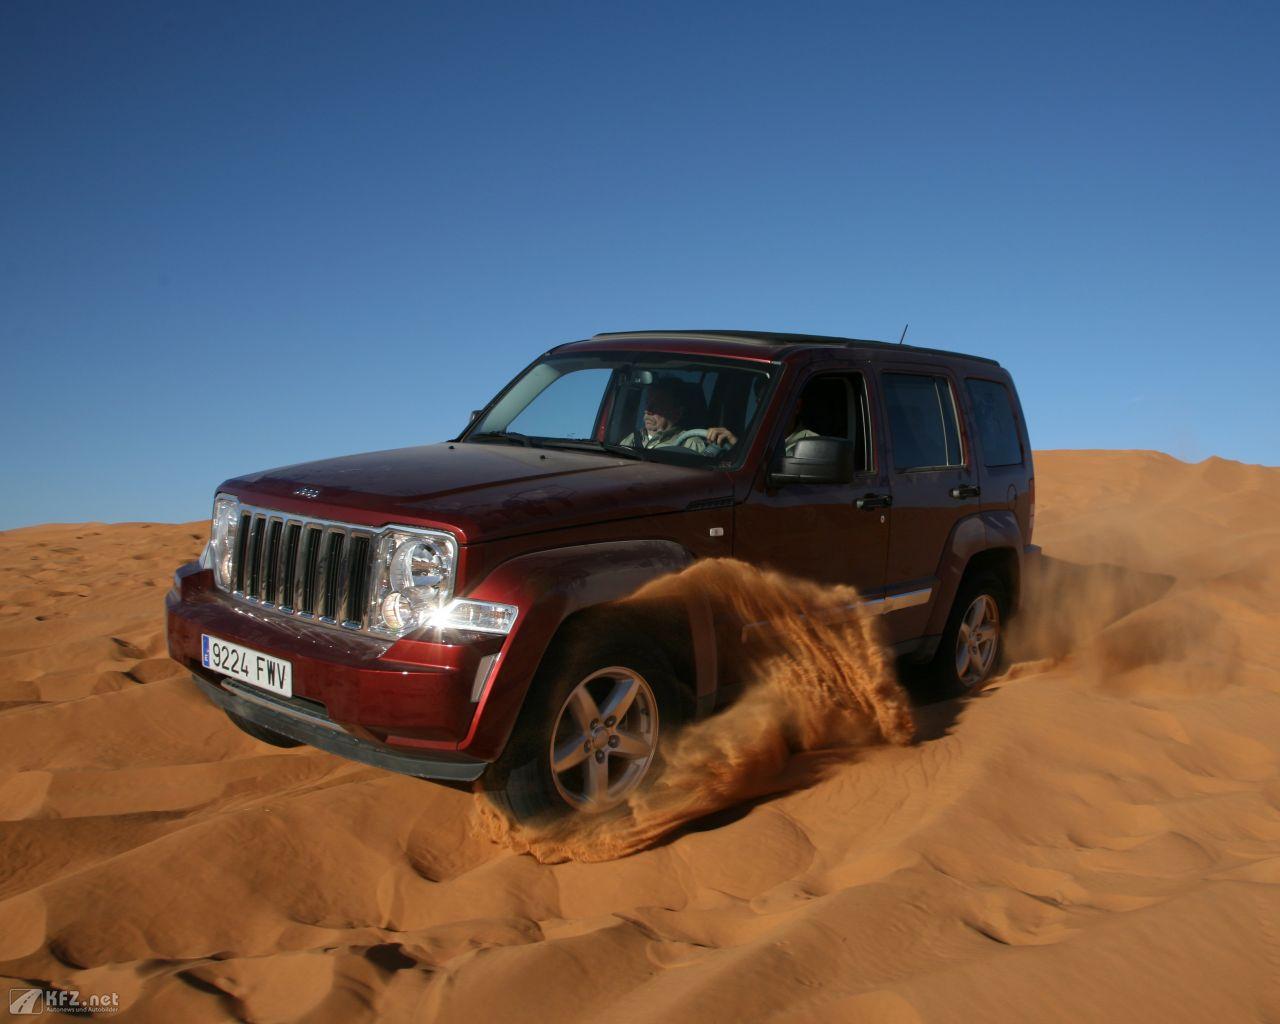 jeep-cherokee-1280x1024-5